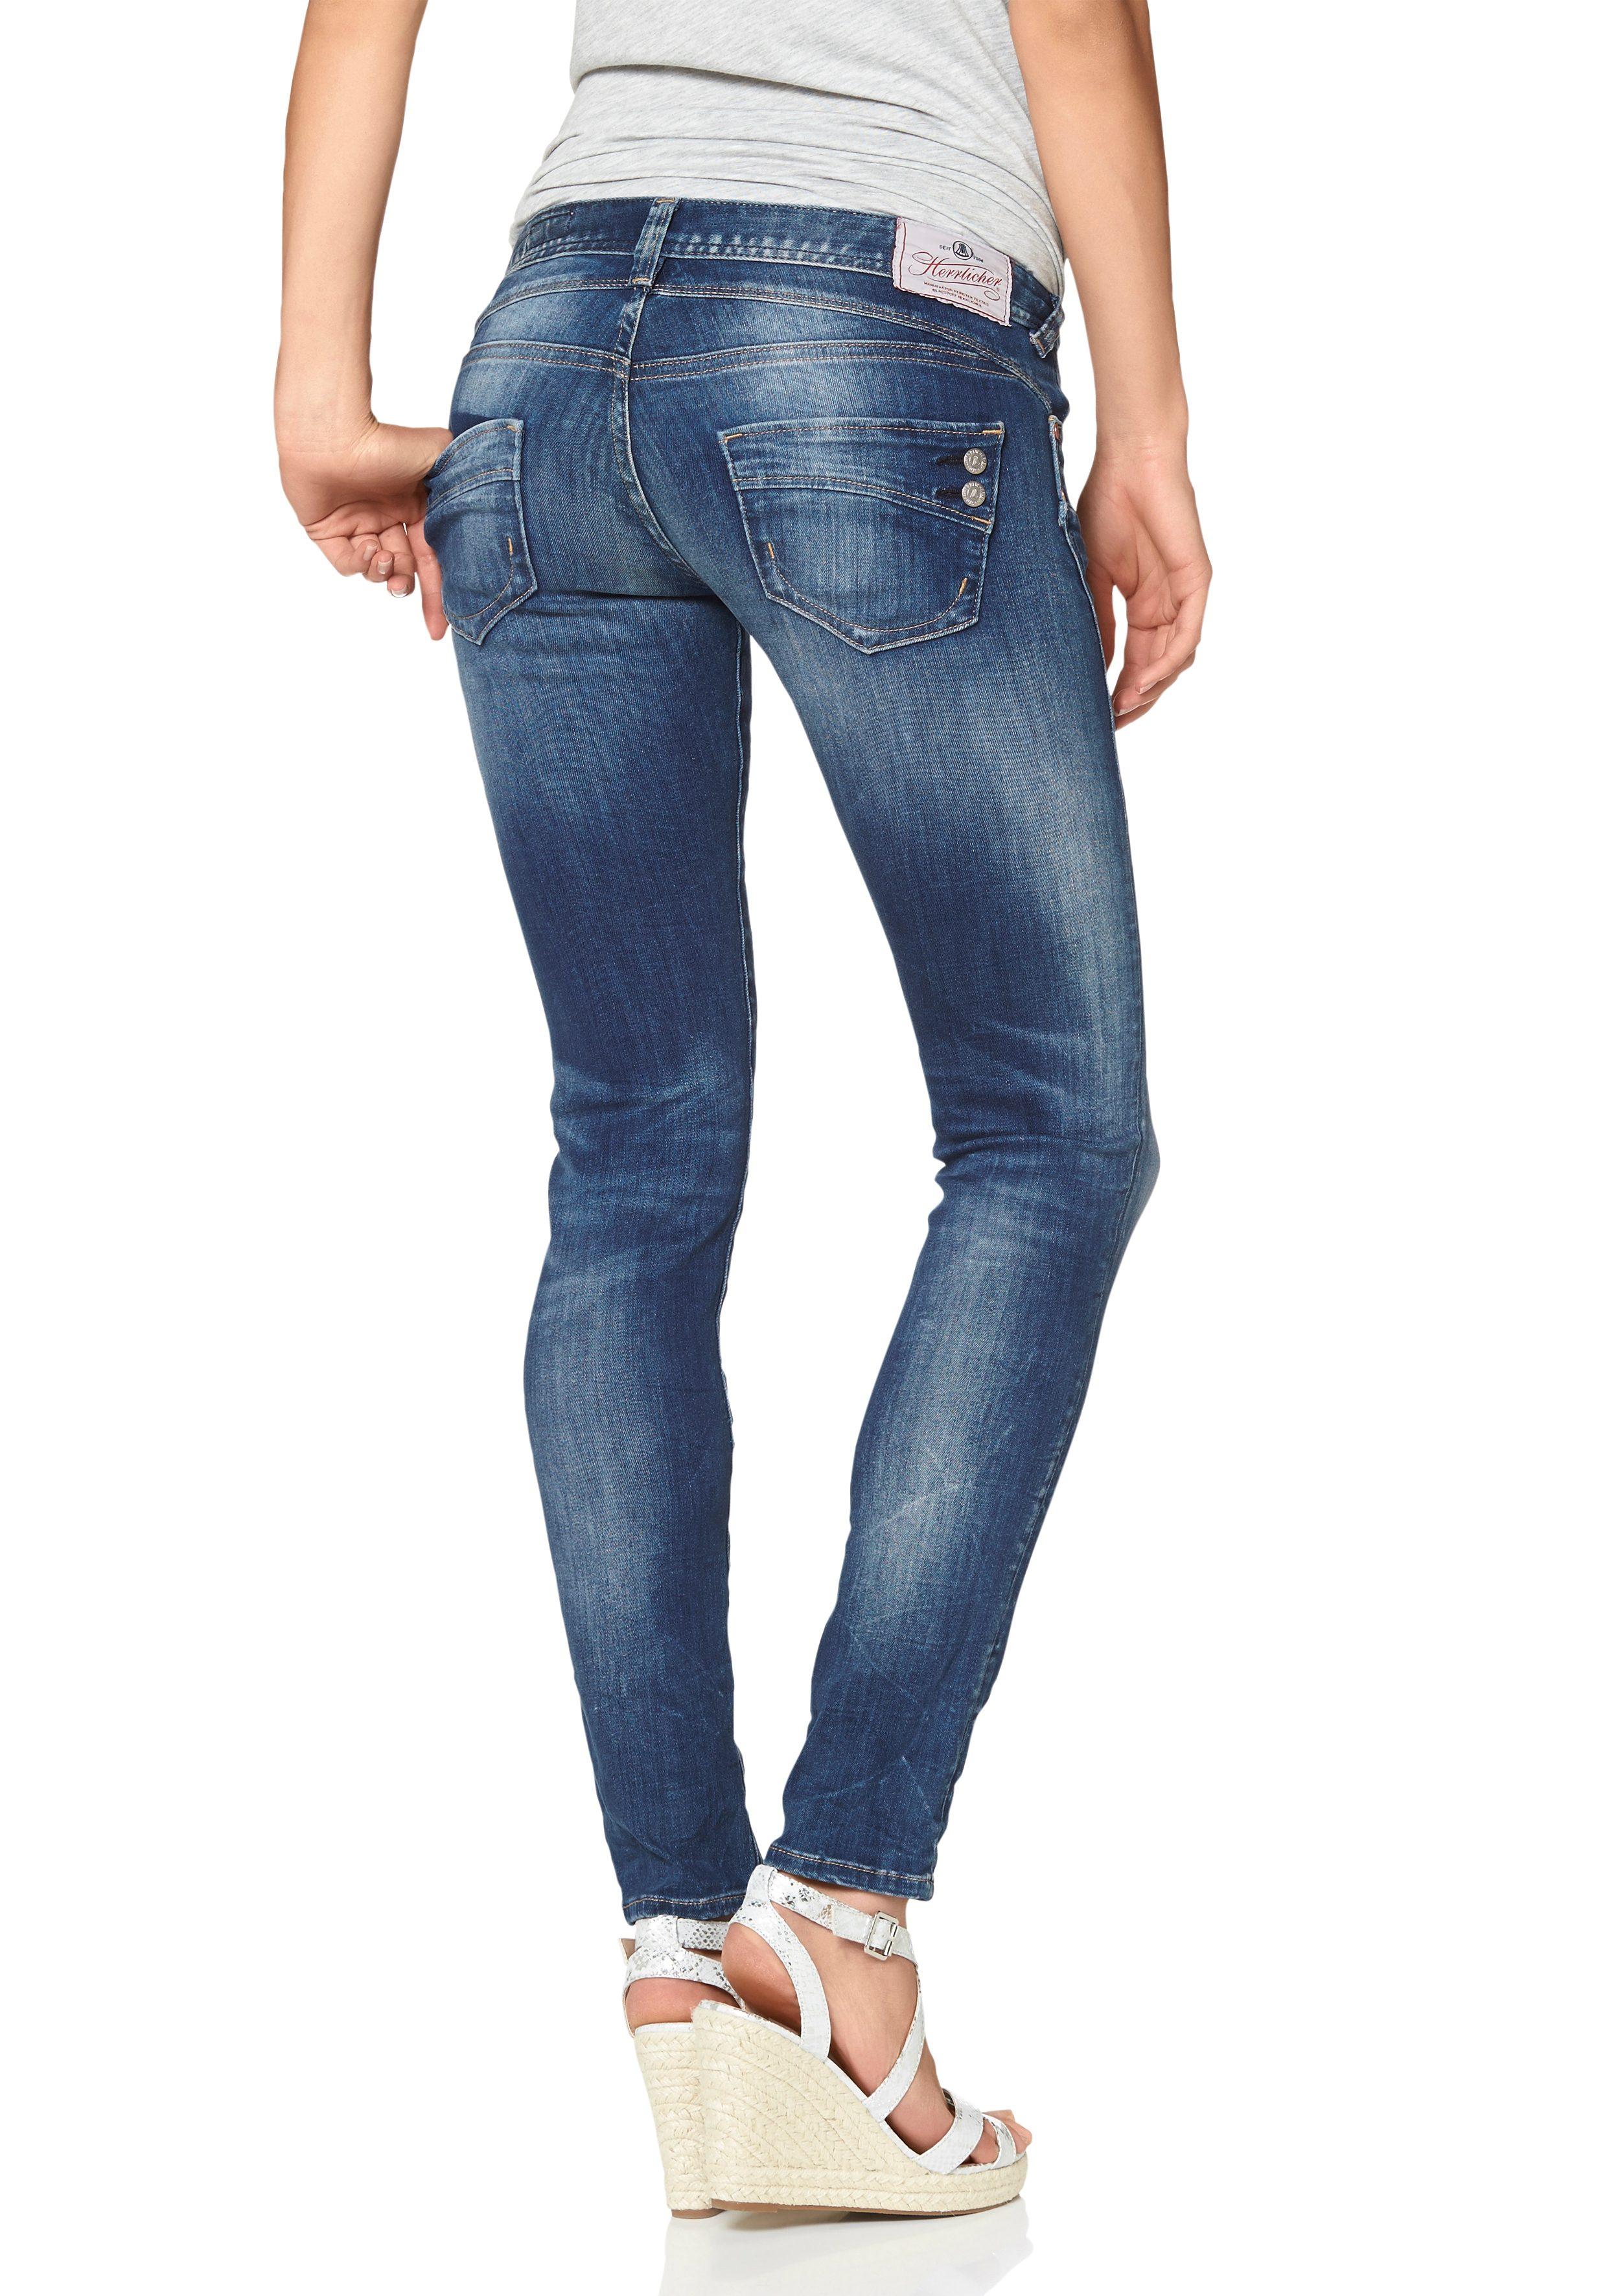 Herrlicher Slim fit Jeans »PIPER SLIM« Low Waist mit maximalem Tragekomfort online kaufen | OTTO